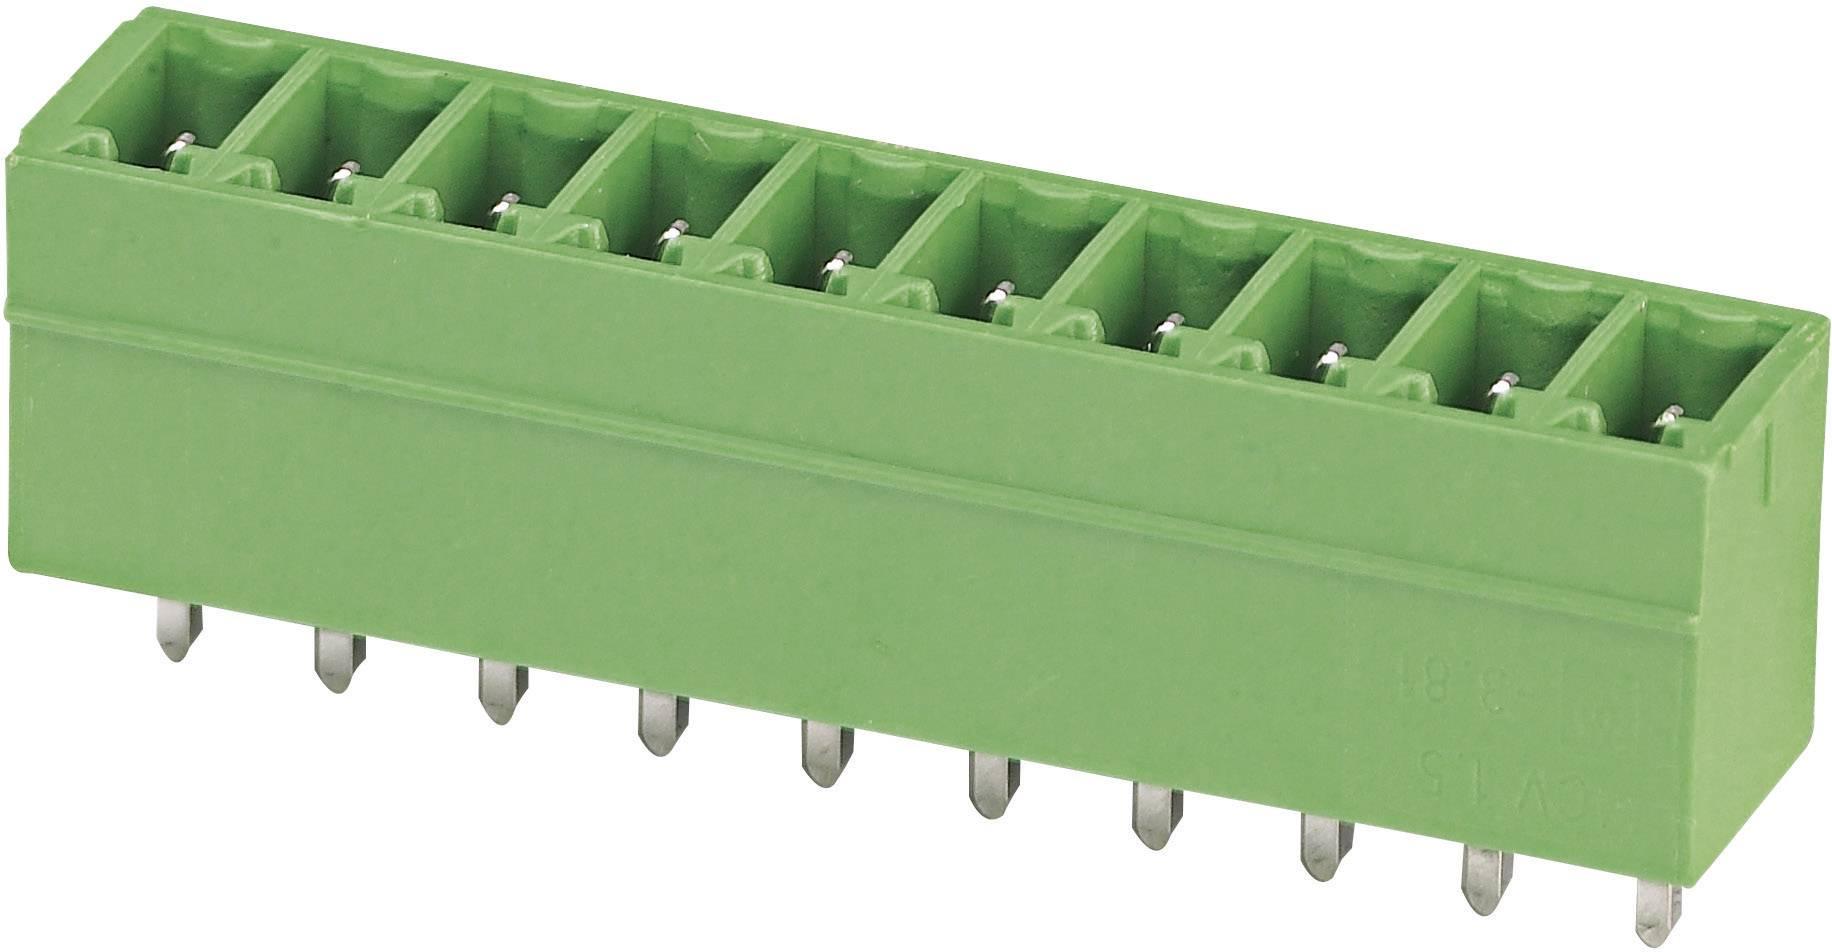 Svorkovnice 1řadá do DPS Phoenix Contact MCV 1,5/ 8-G-3,81 (1803484), 8pól., zelená